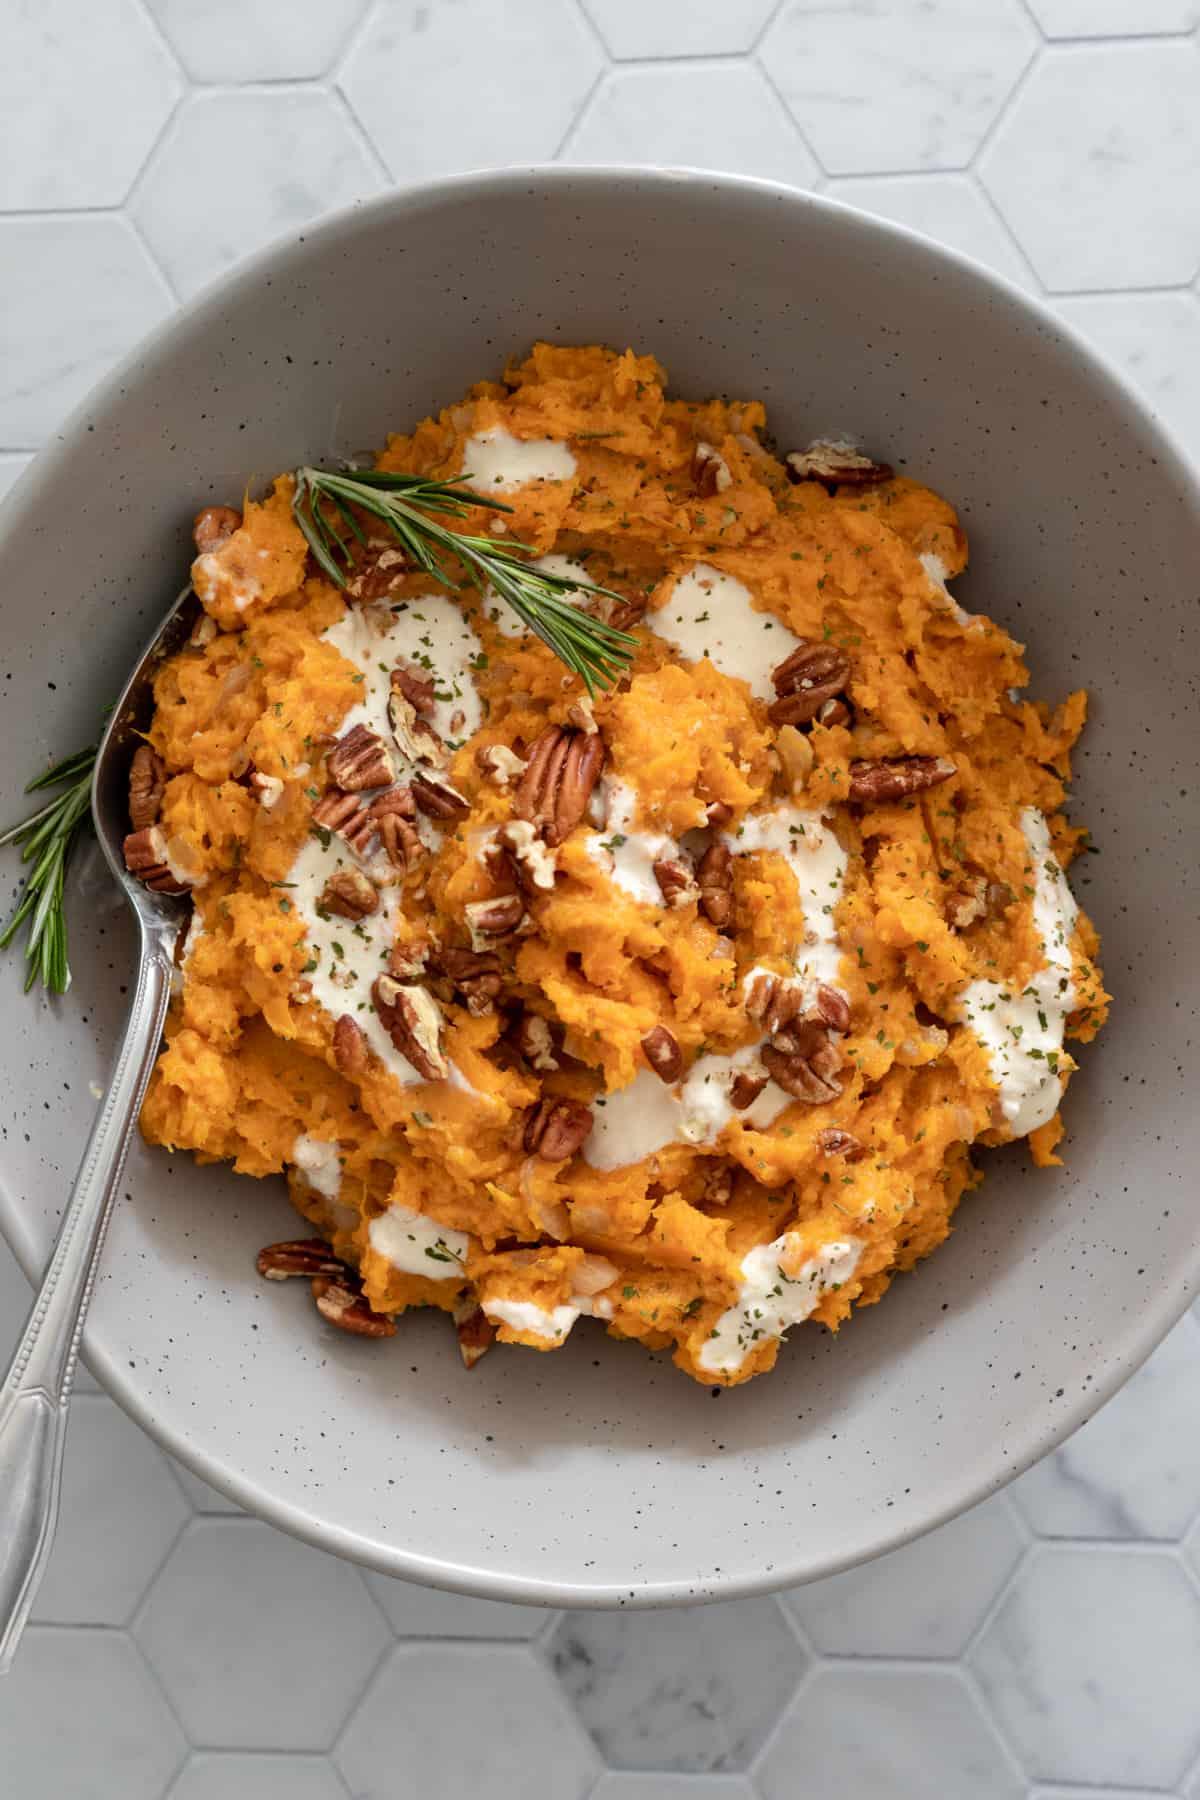 A bowl of savory vegan mashed sweet potatoes.